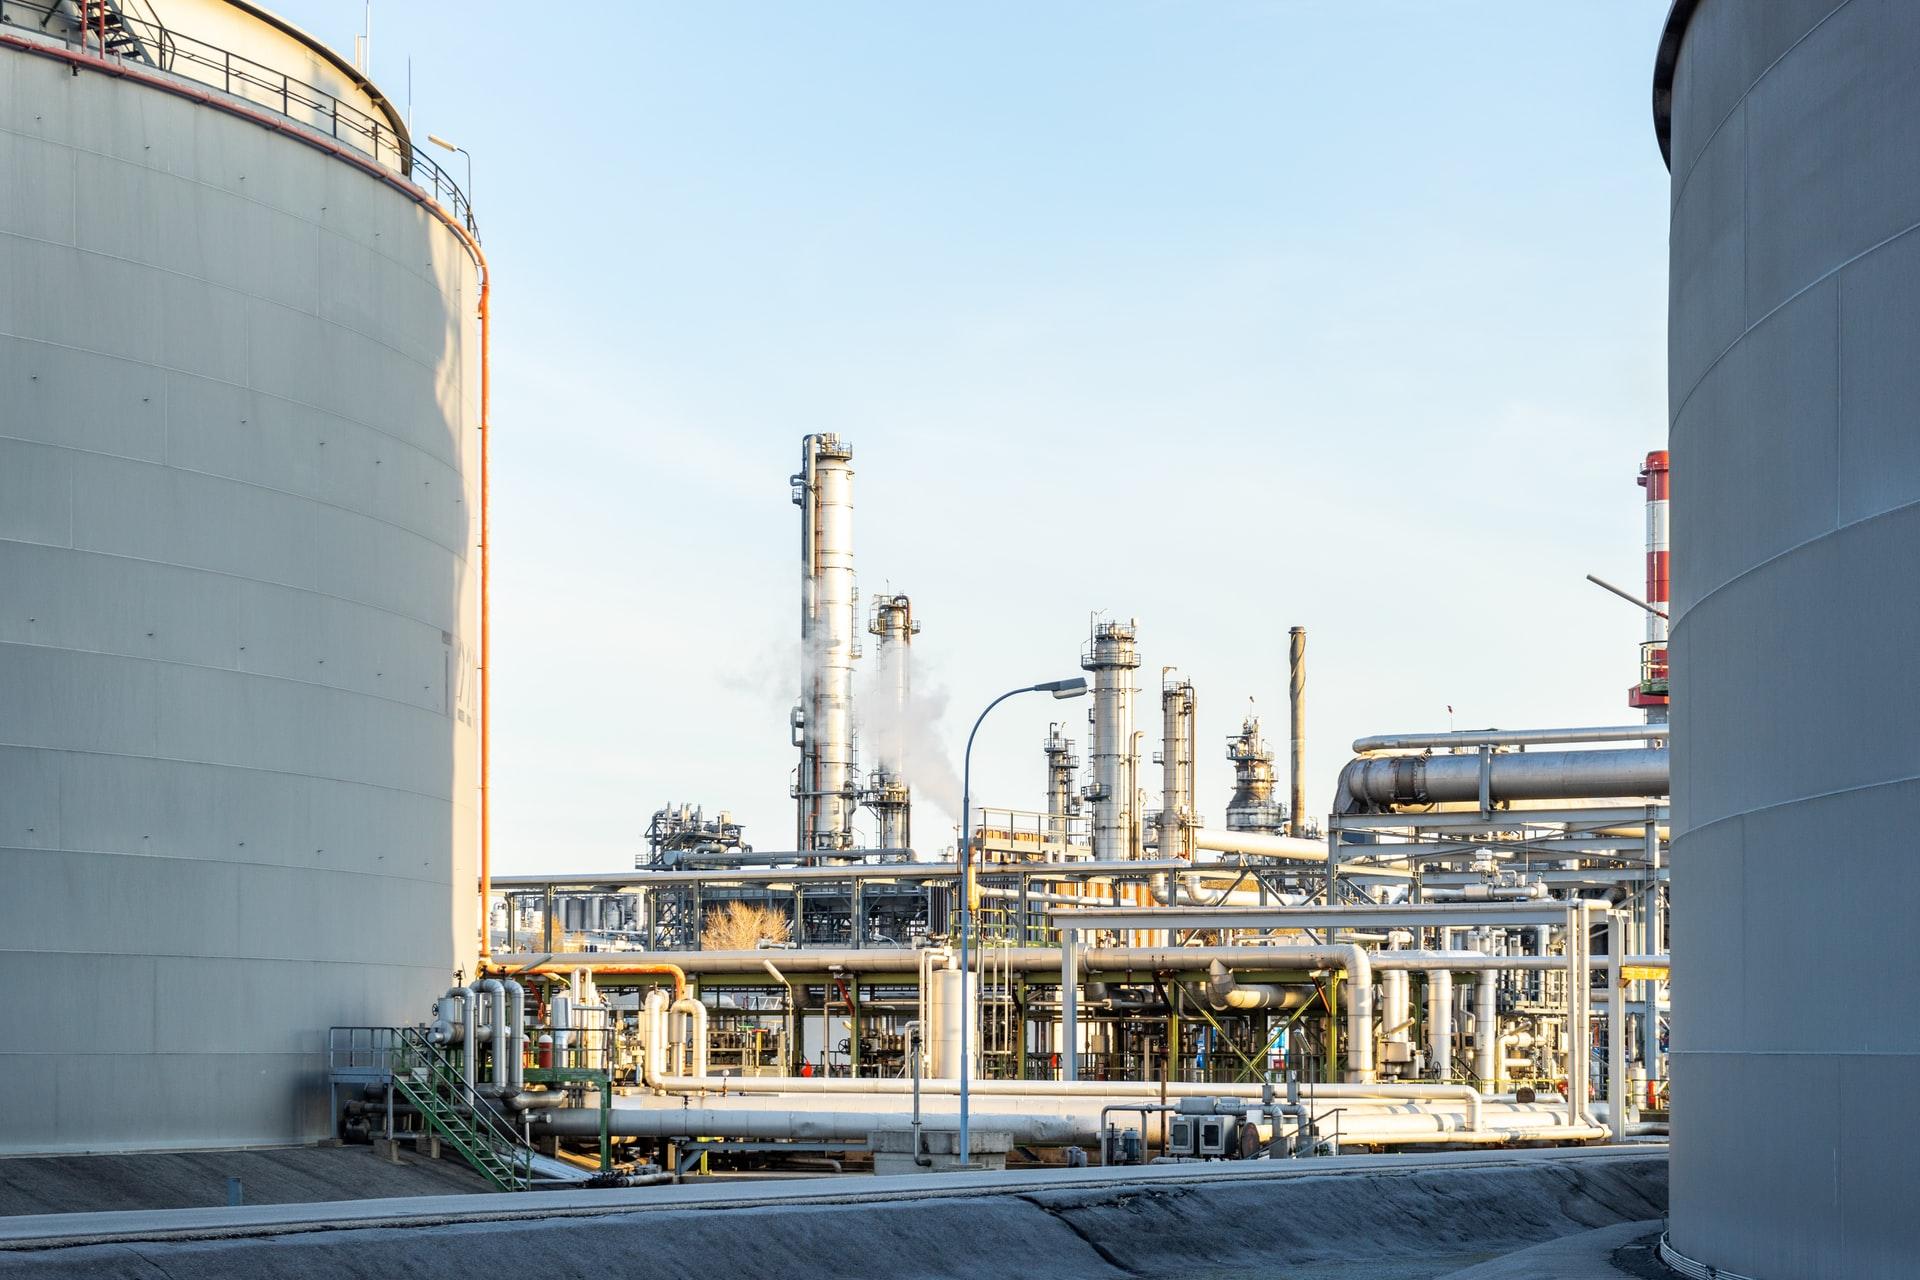 Carbon Capture, Utilisation and Storage plant